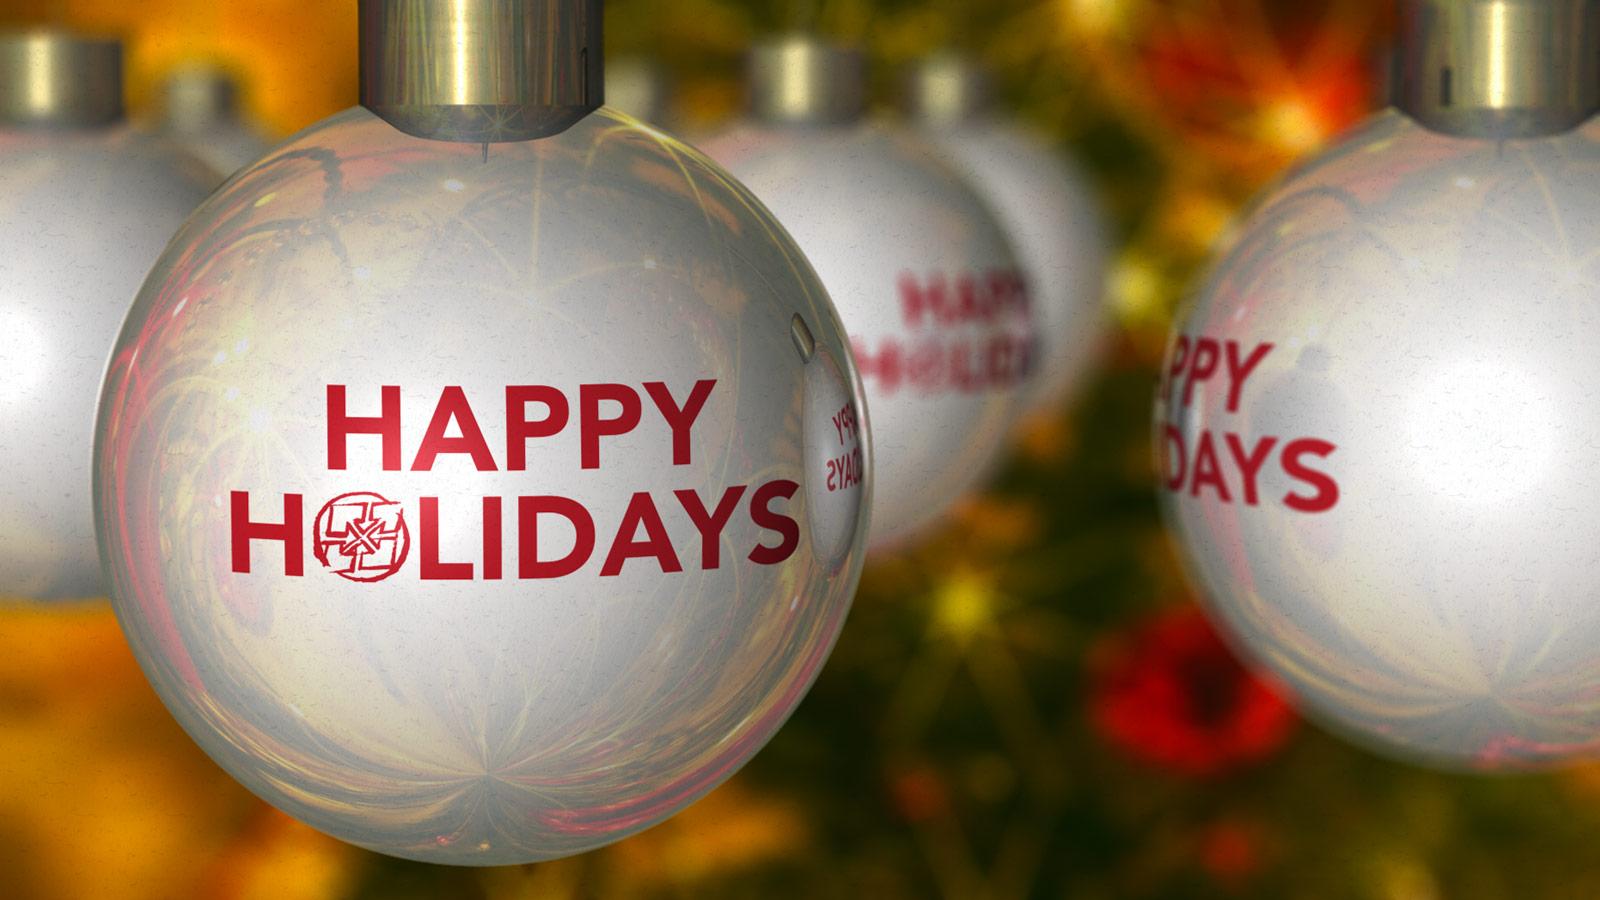 HolidayBalls